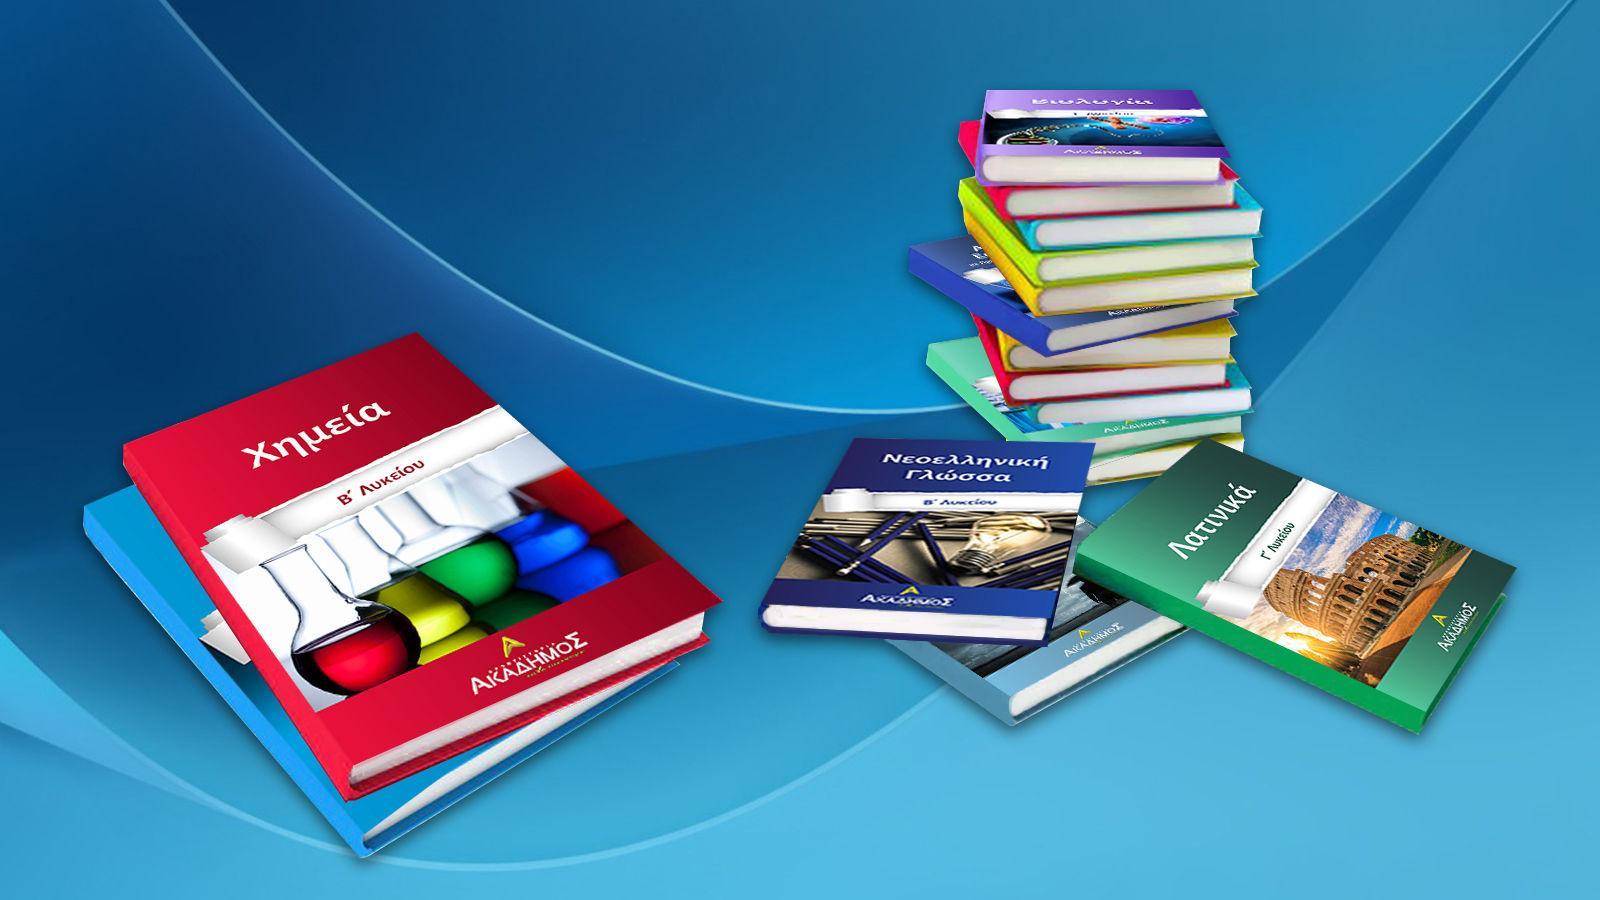 Βιβλία Στοχεύω Πανεπιστήμιο